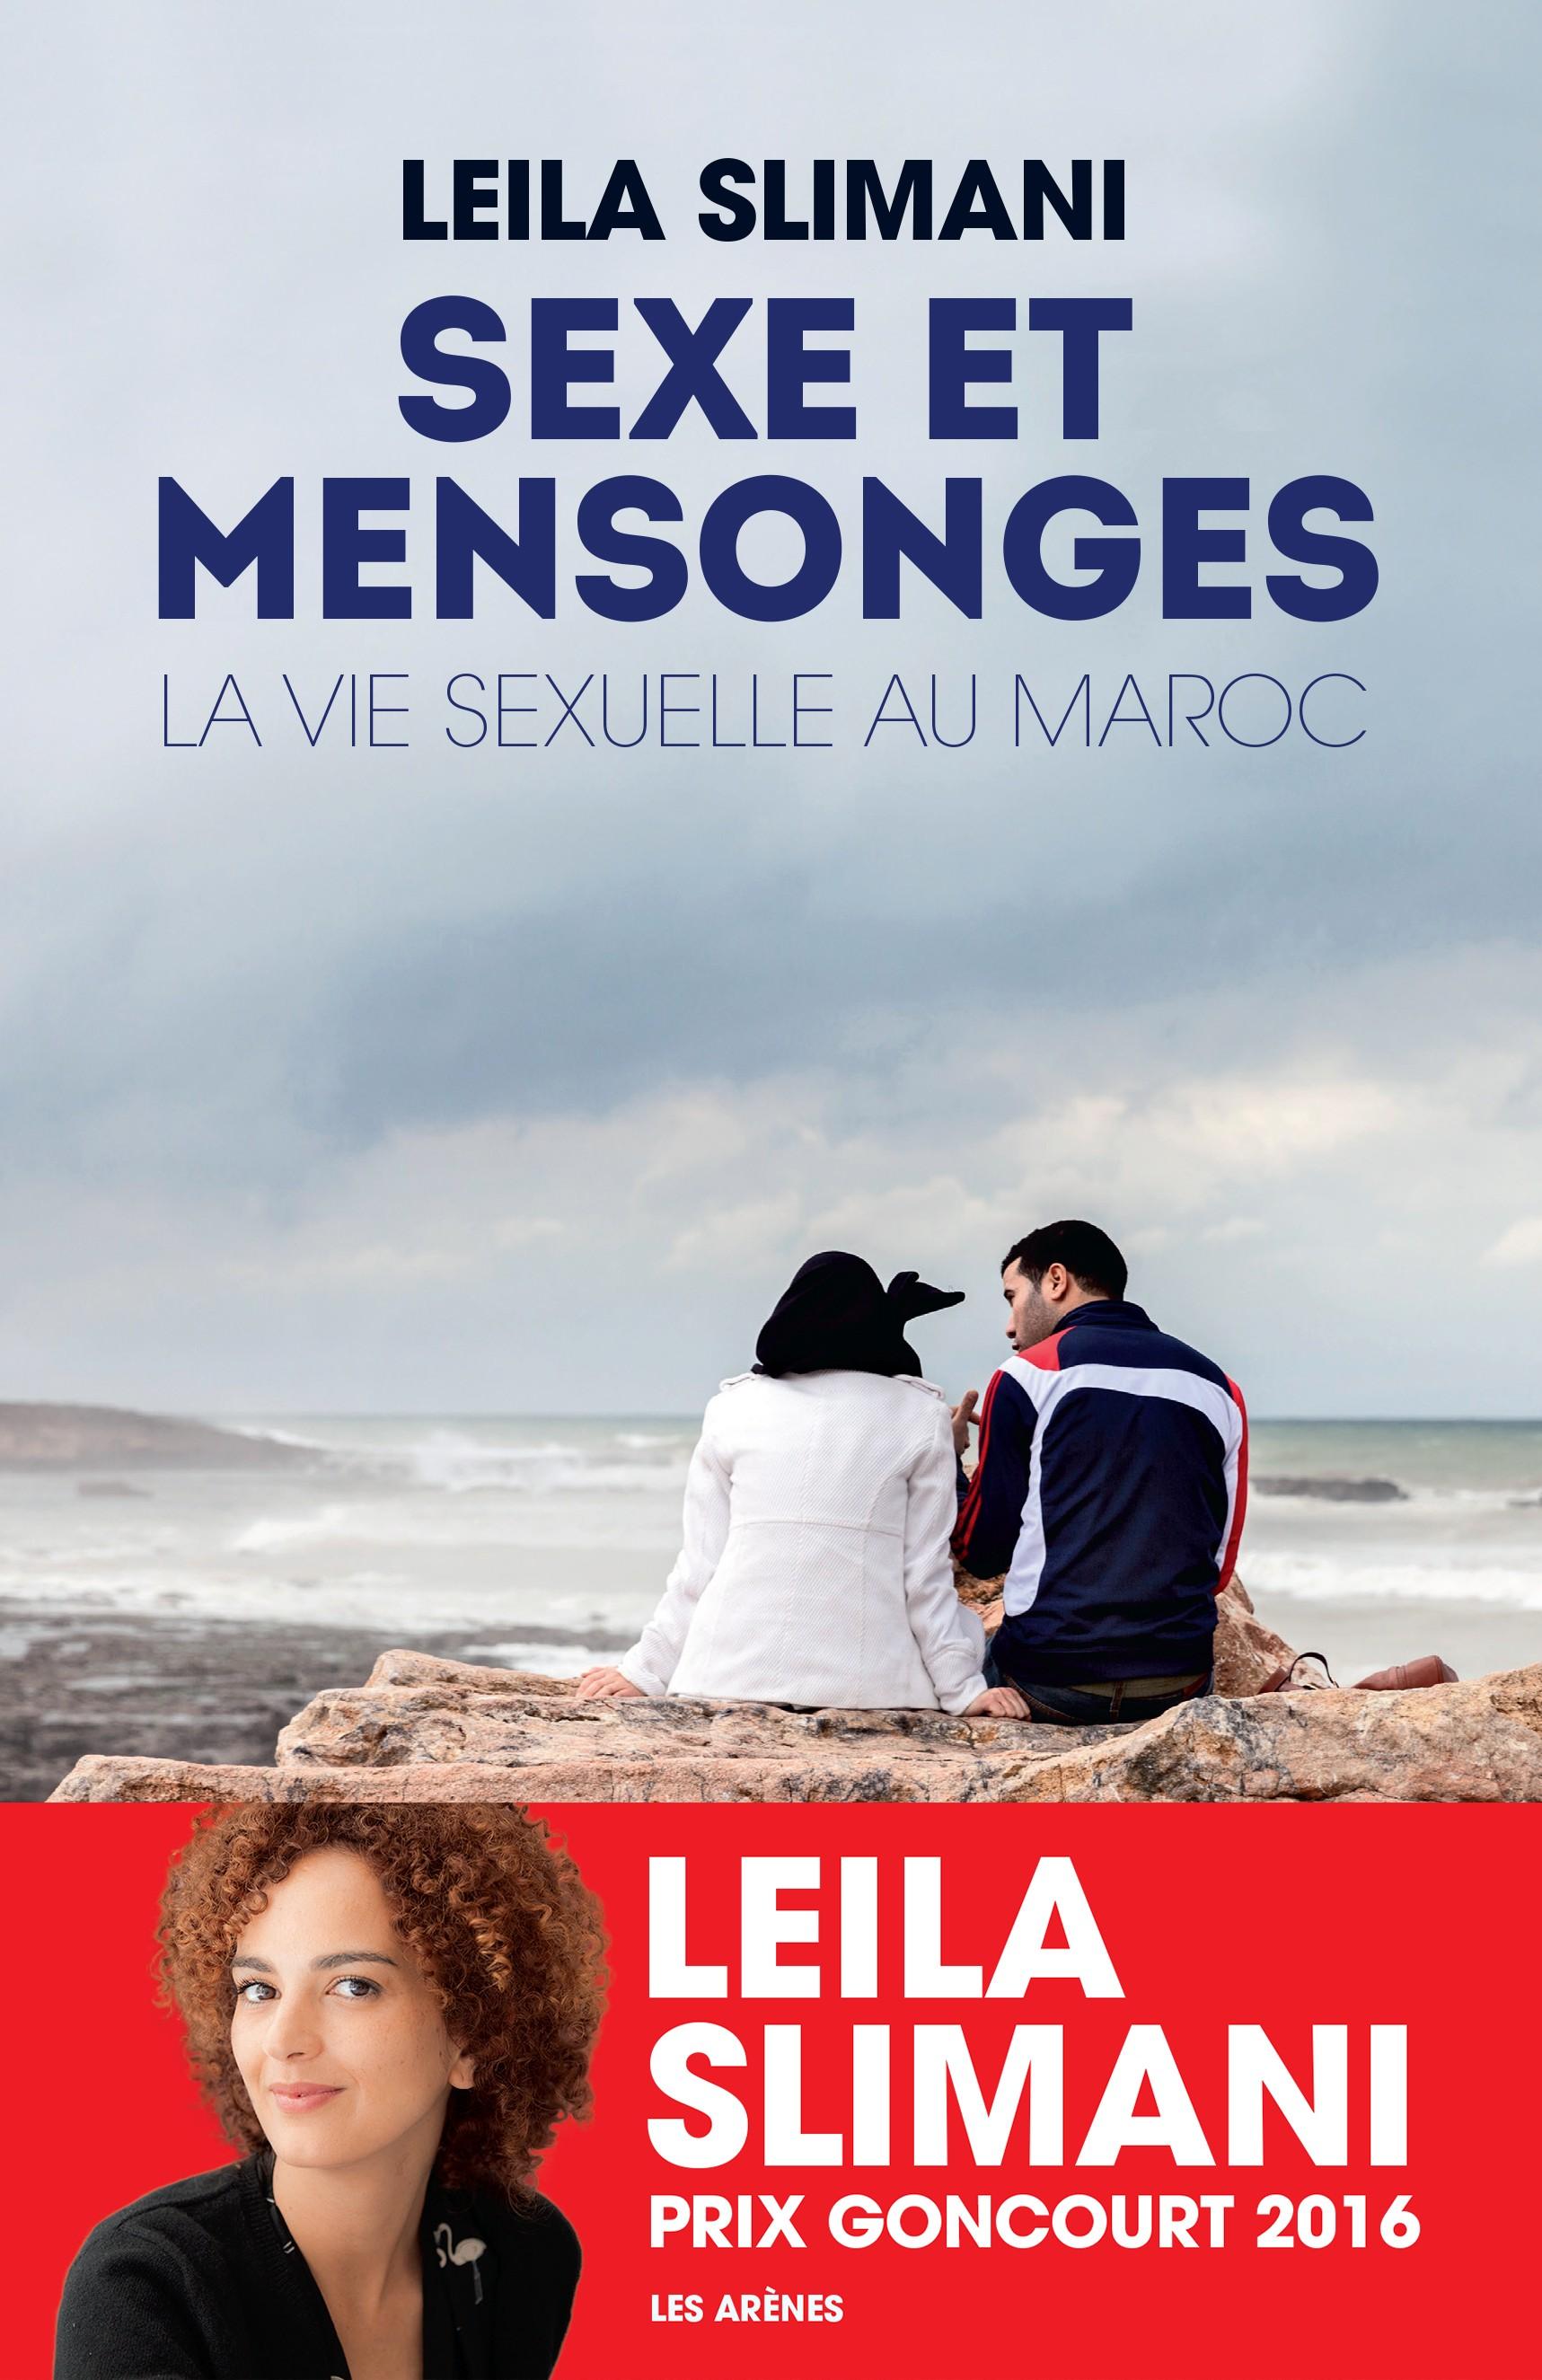 Ernest Mag Sexe Et Mensonges De Leila Slimani Est Paru Le 6 Septembre 2017